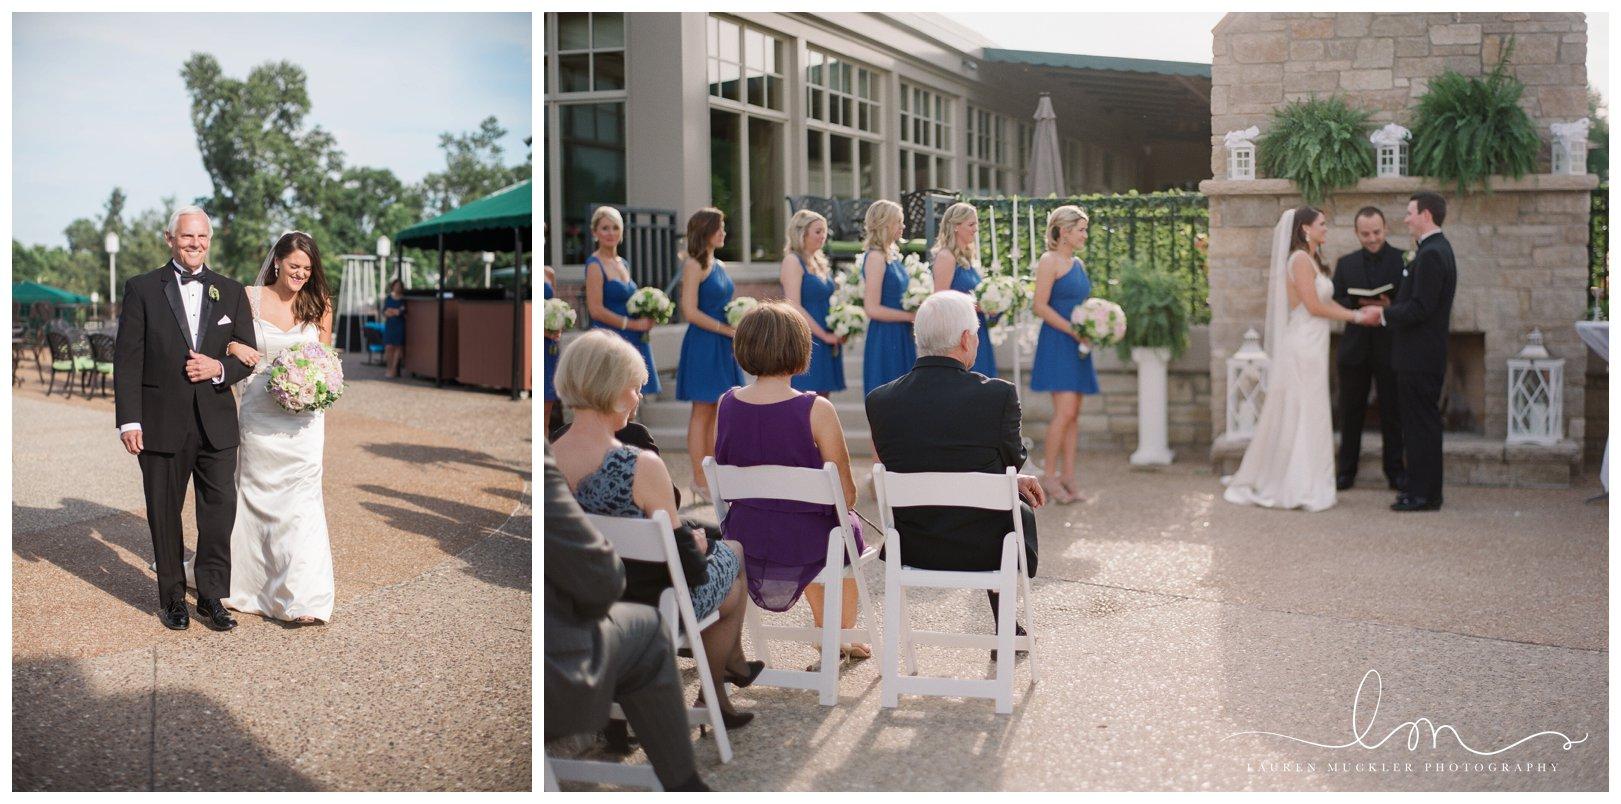 lauren muckler photography_fine art film wedding photography_st louis_photography_0239.jpg